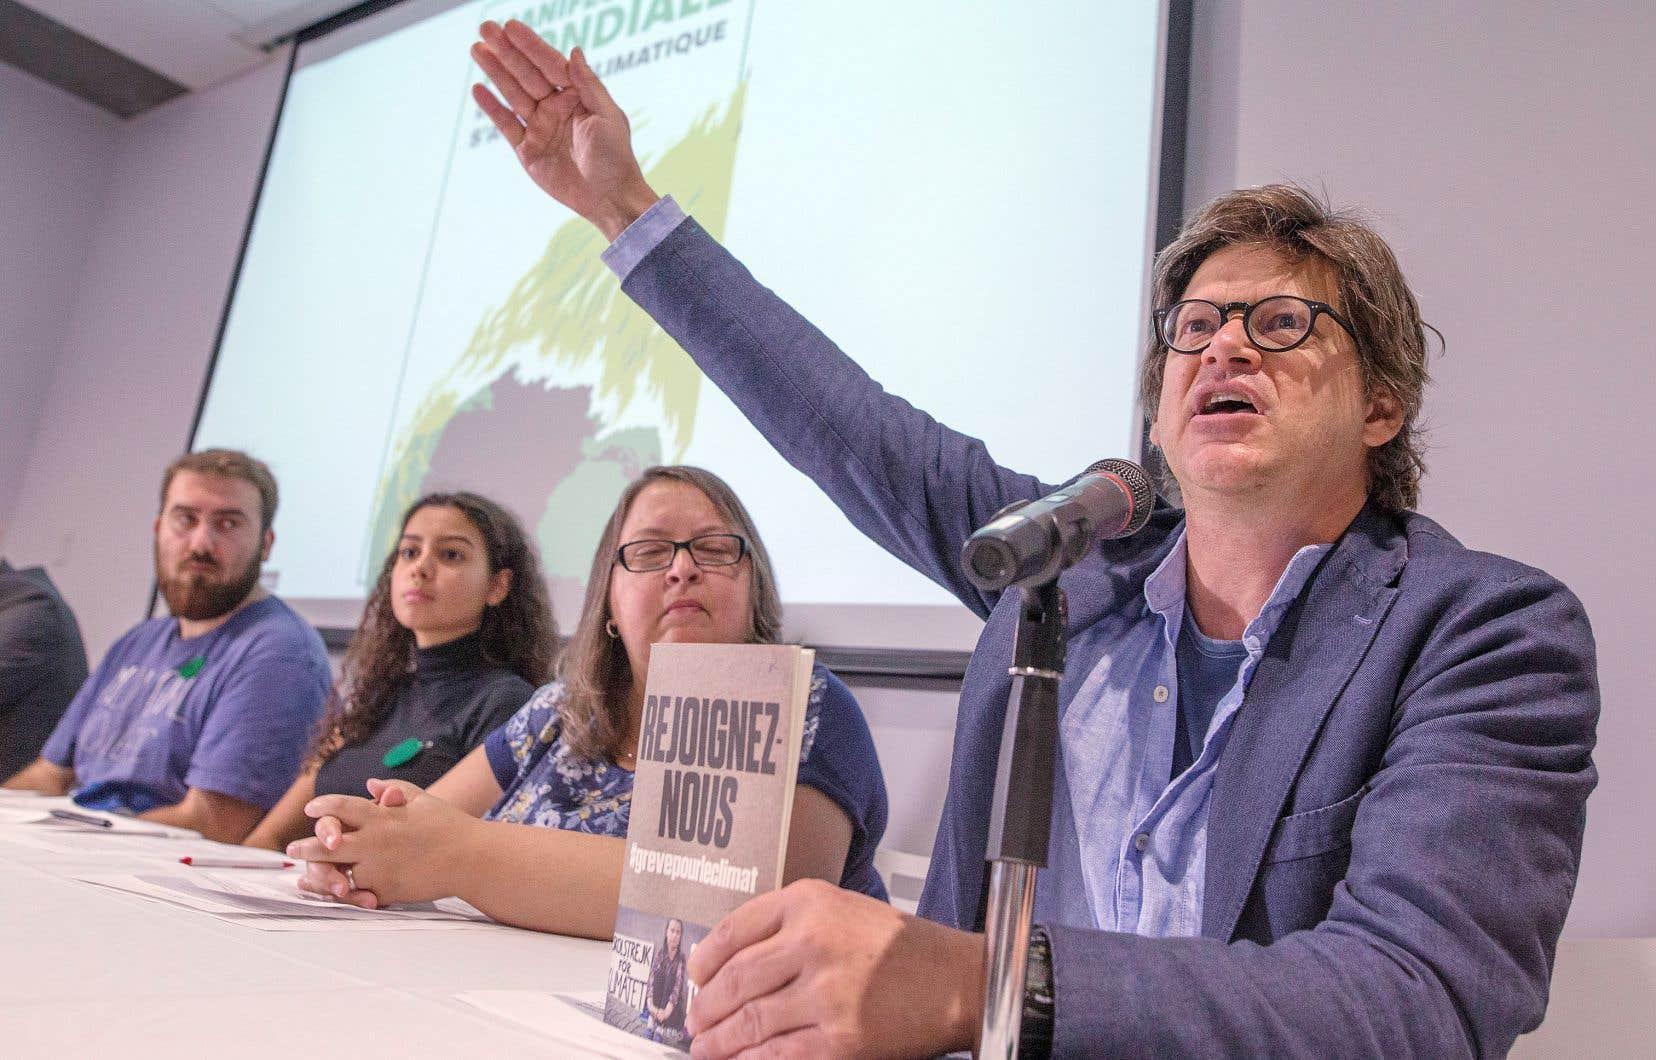 Le metteur en scène Dominic Champagne, porte-parole du Pacte pour la transition, a invité ses concitoyens «à prendre la rue» le 27 septembre afin de mettre de la pression sur les États pour qu'ils agissent afin de freiner le réchauffement climatique.